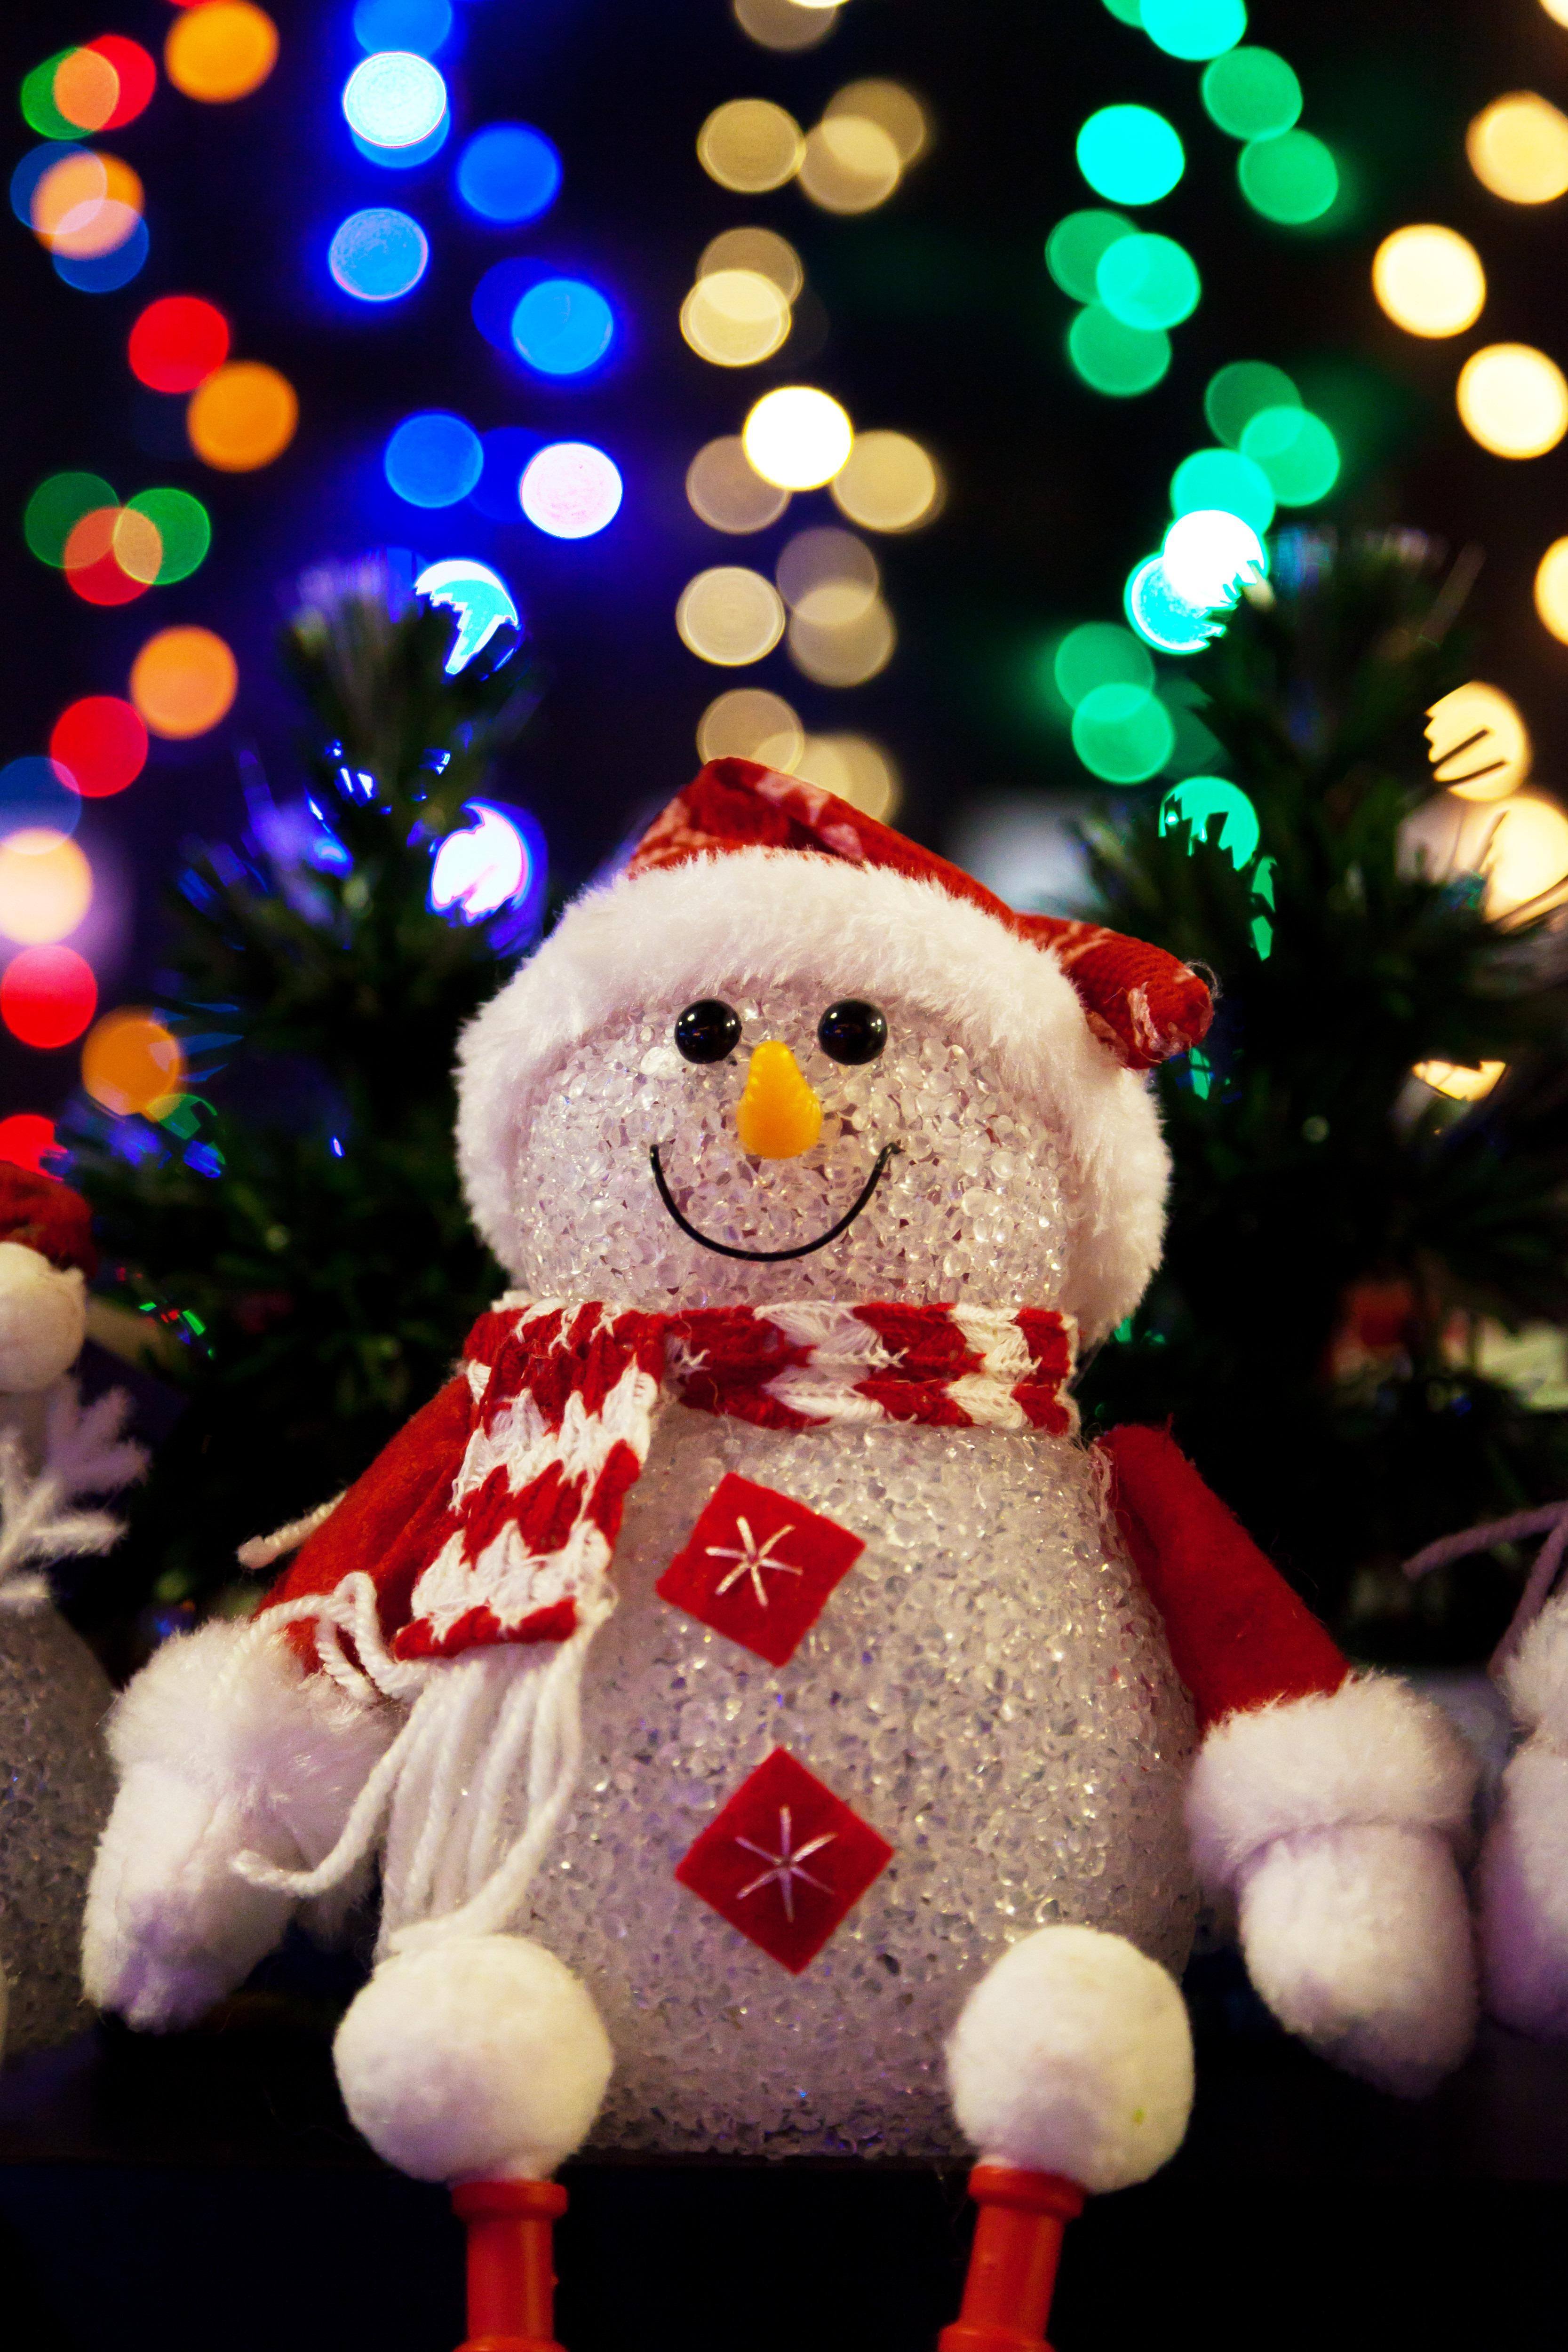 Kostenlose foto : Winter, niedlich, dunkel, Feier, Eis, Dekoration ...